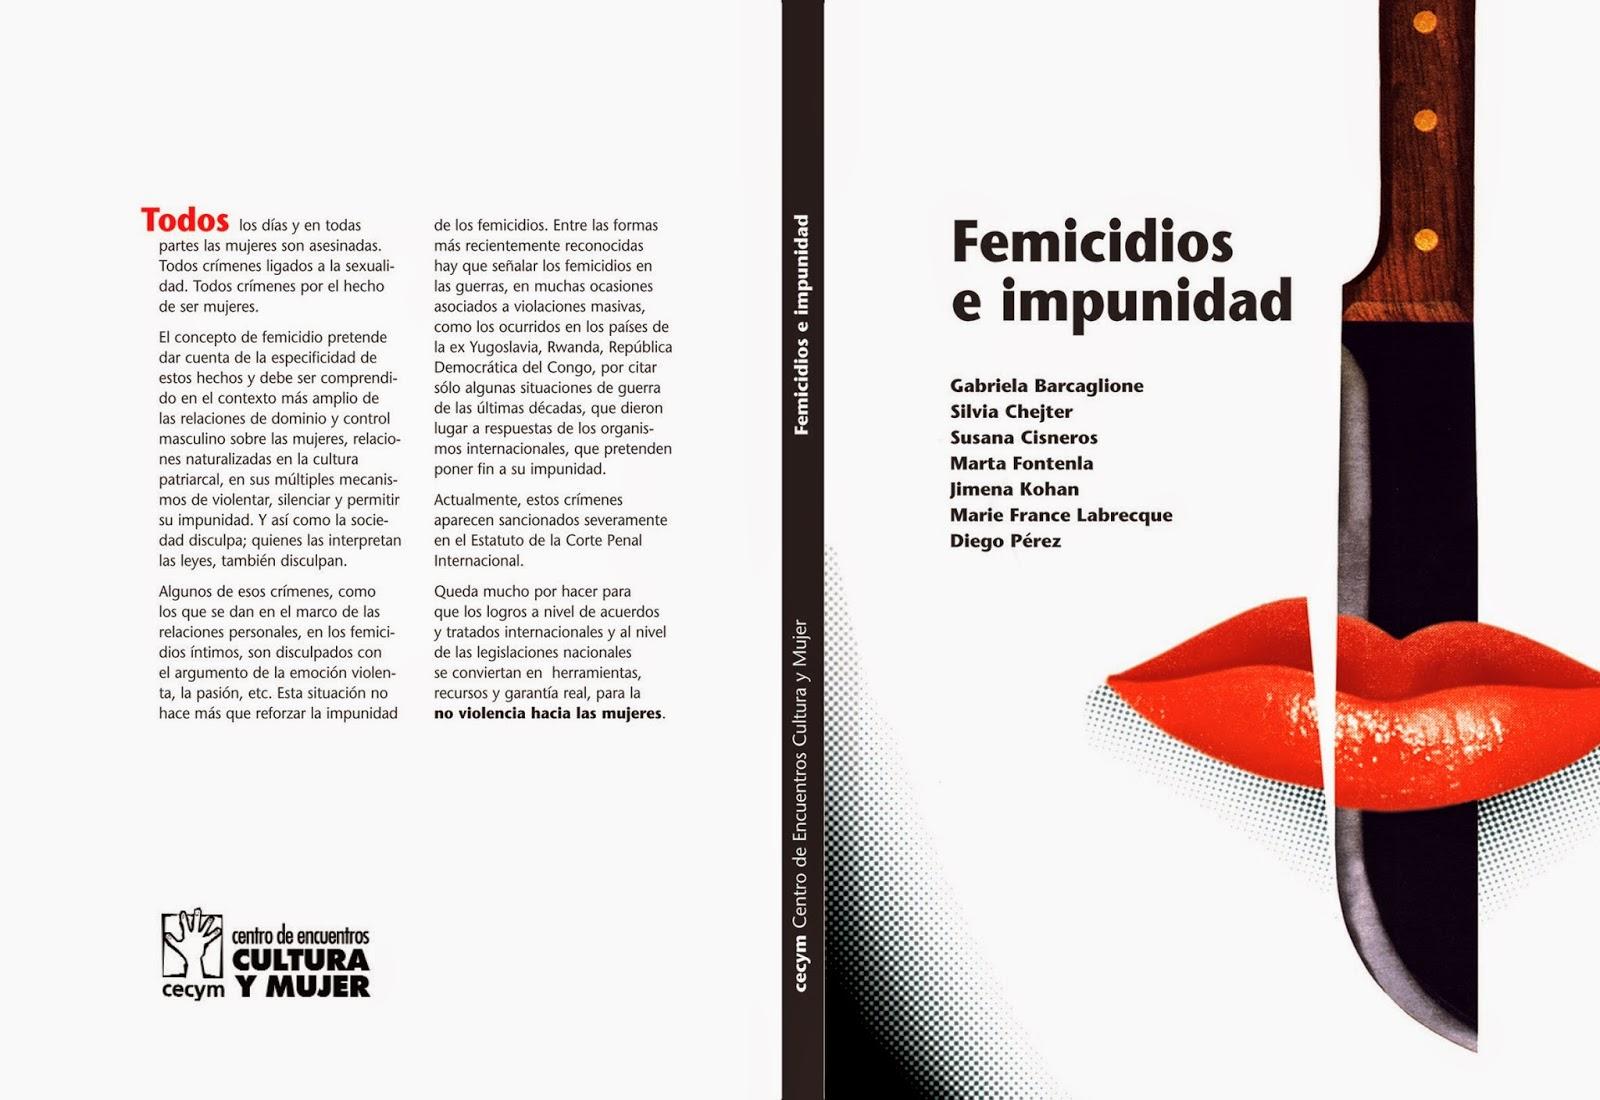 http://www.artemisanoticias.com.ar/images/FotosNotas/Femic%20e%20Imp%20chejter05.pdf